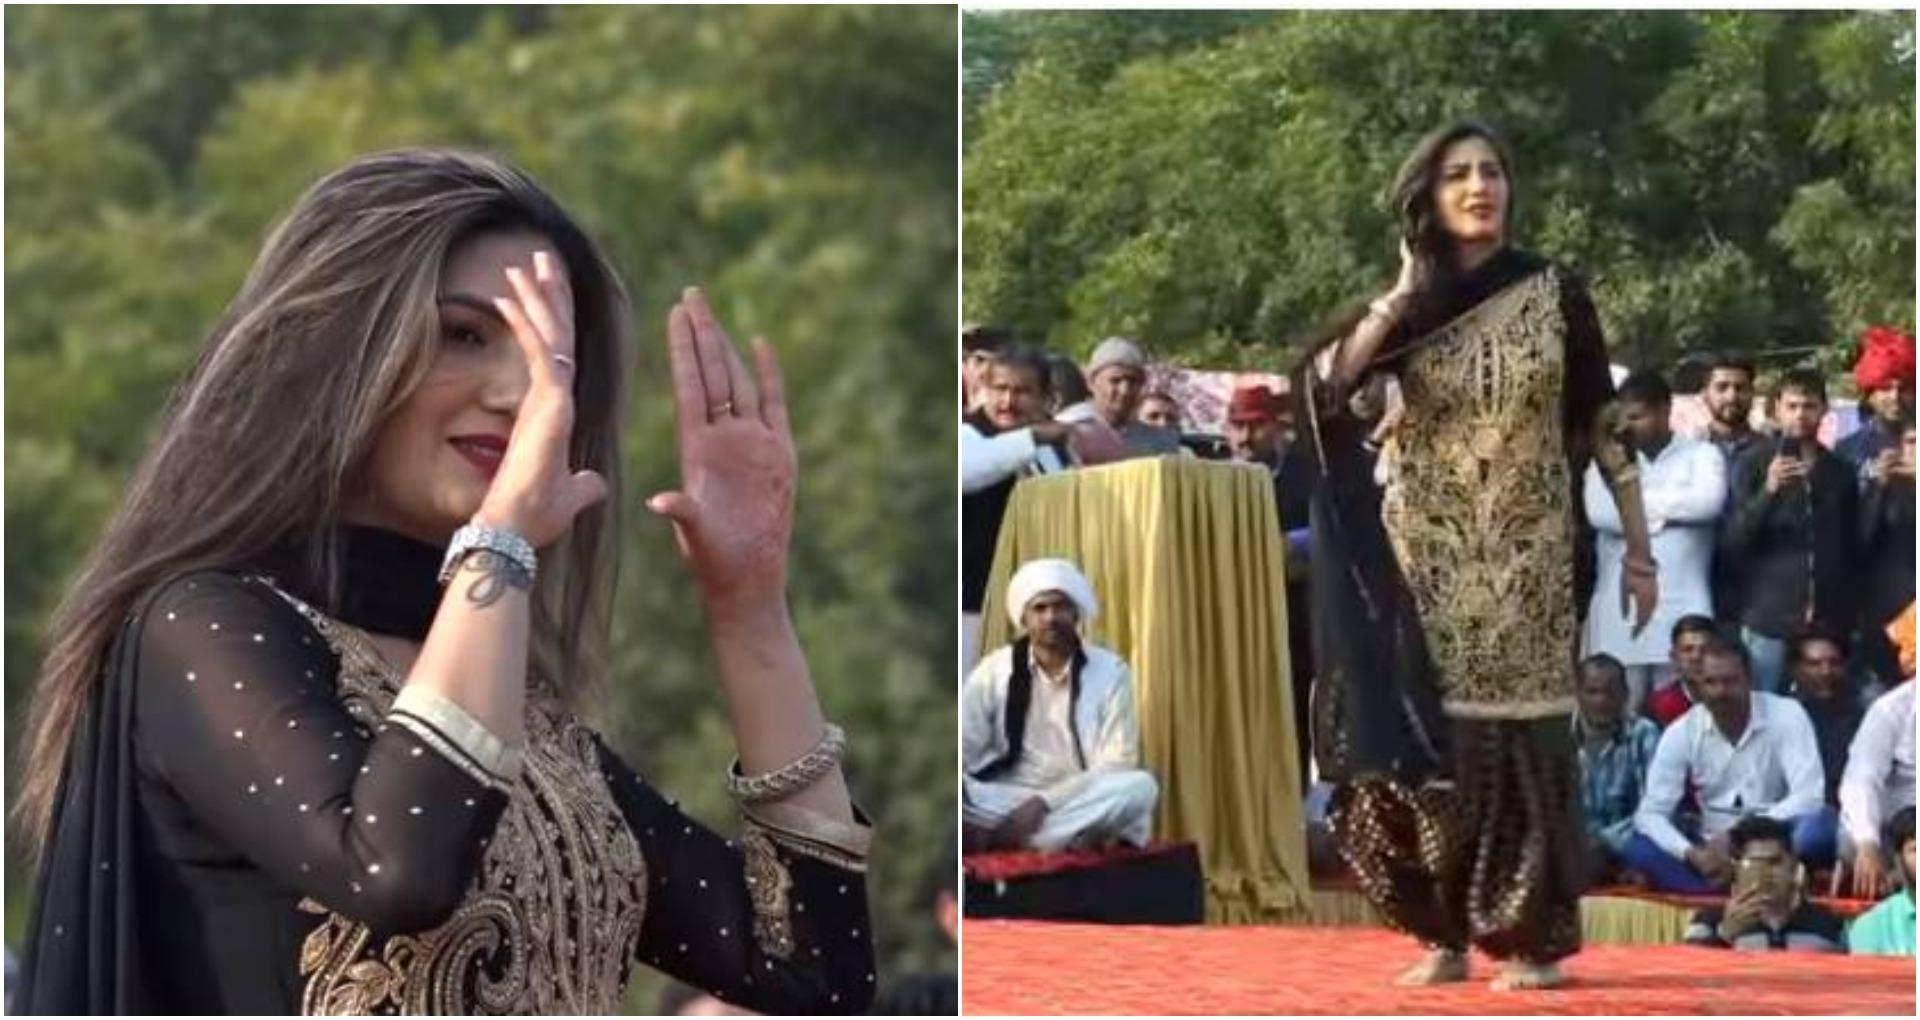 Sapna Choudhary Dance Video: सपना चौधरी ने 'बोल रसीले' पर किया जबरदस्त डांस, लोग हुए दिवाने, देखें वीडियो